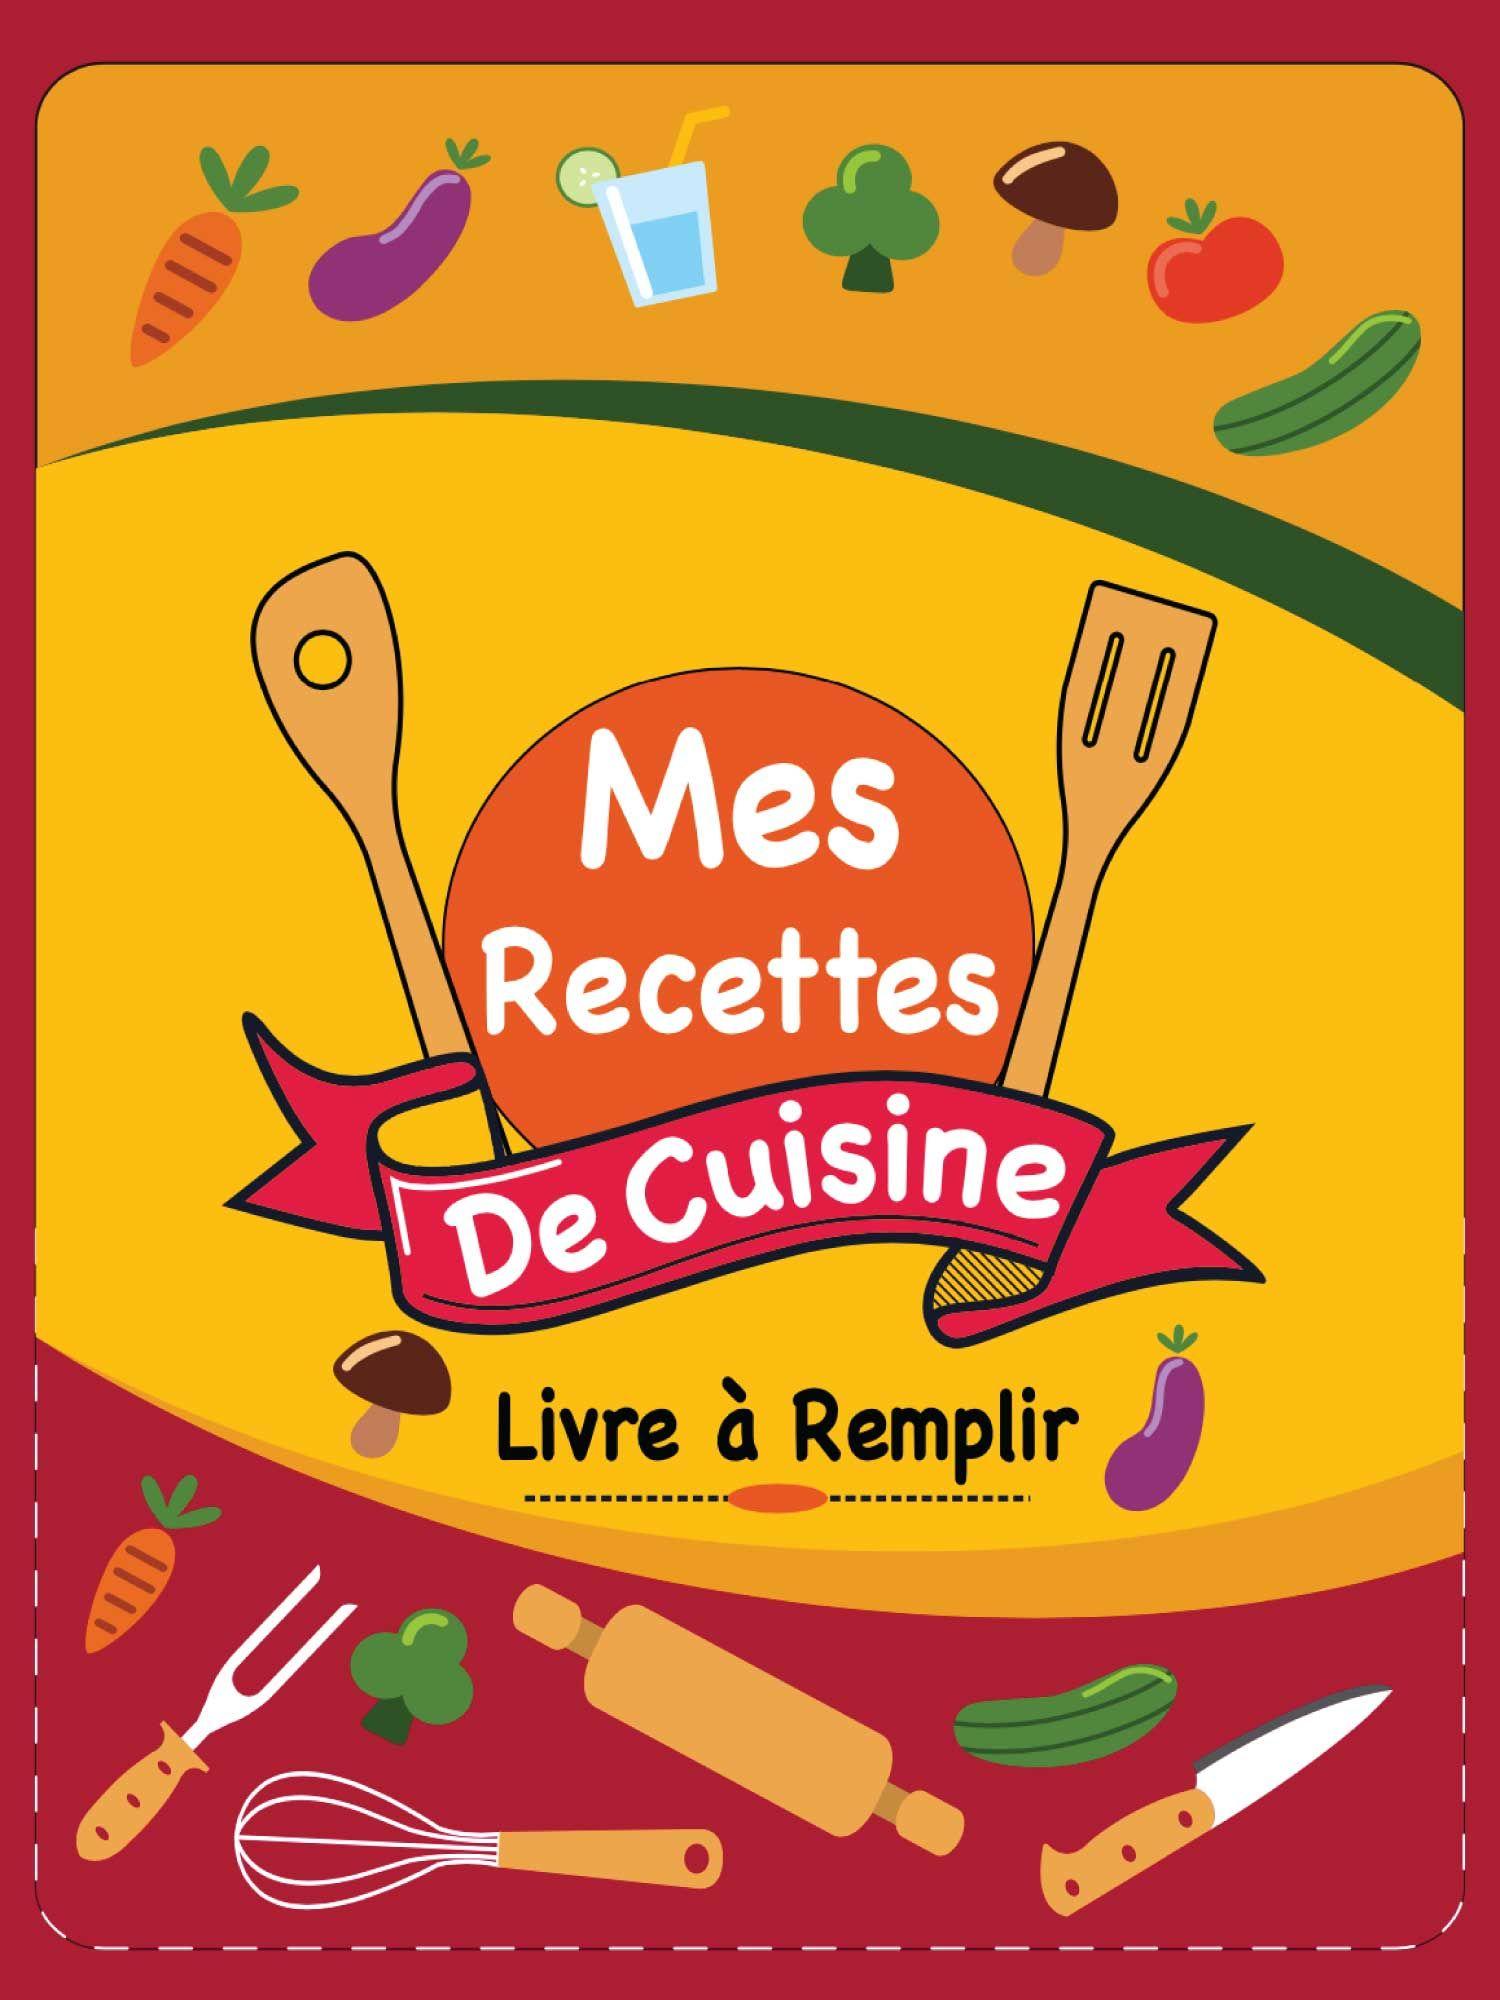 Mes Recettes De Cuisine Livre A Remplir En 2020 Recettes De Cuisine Livre De Recette Recette